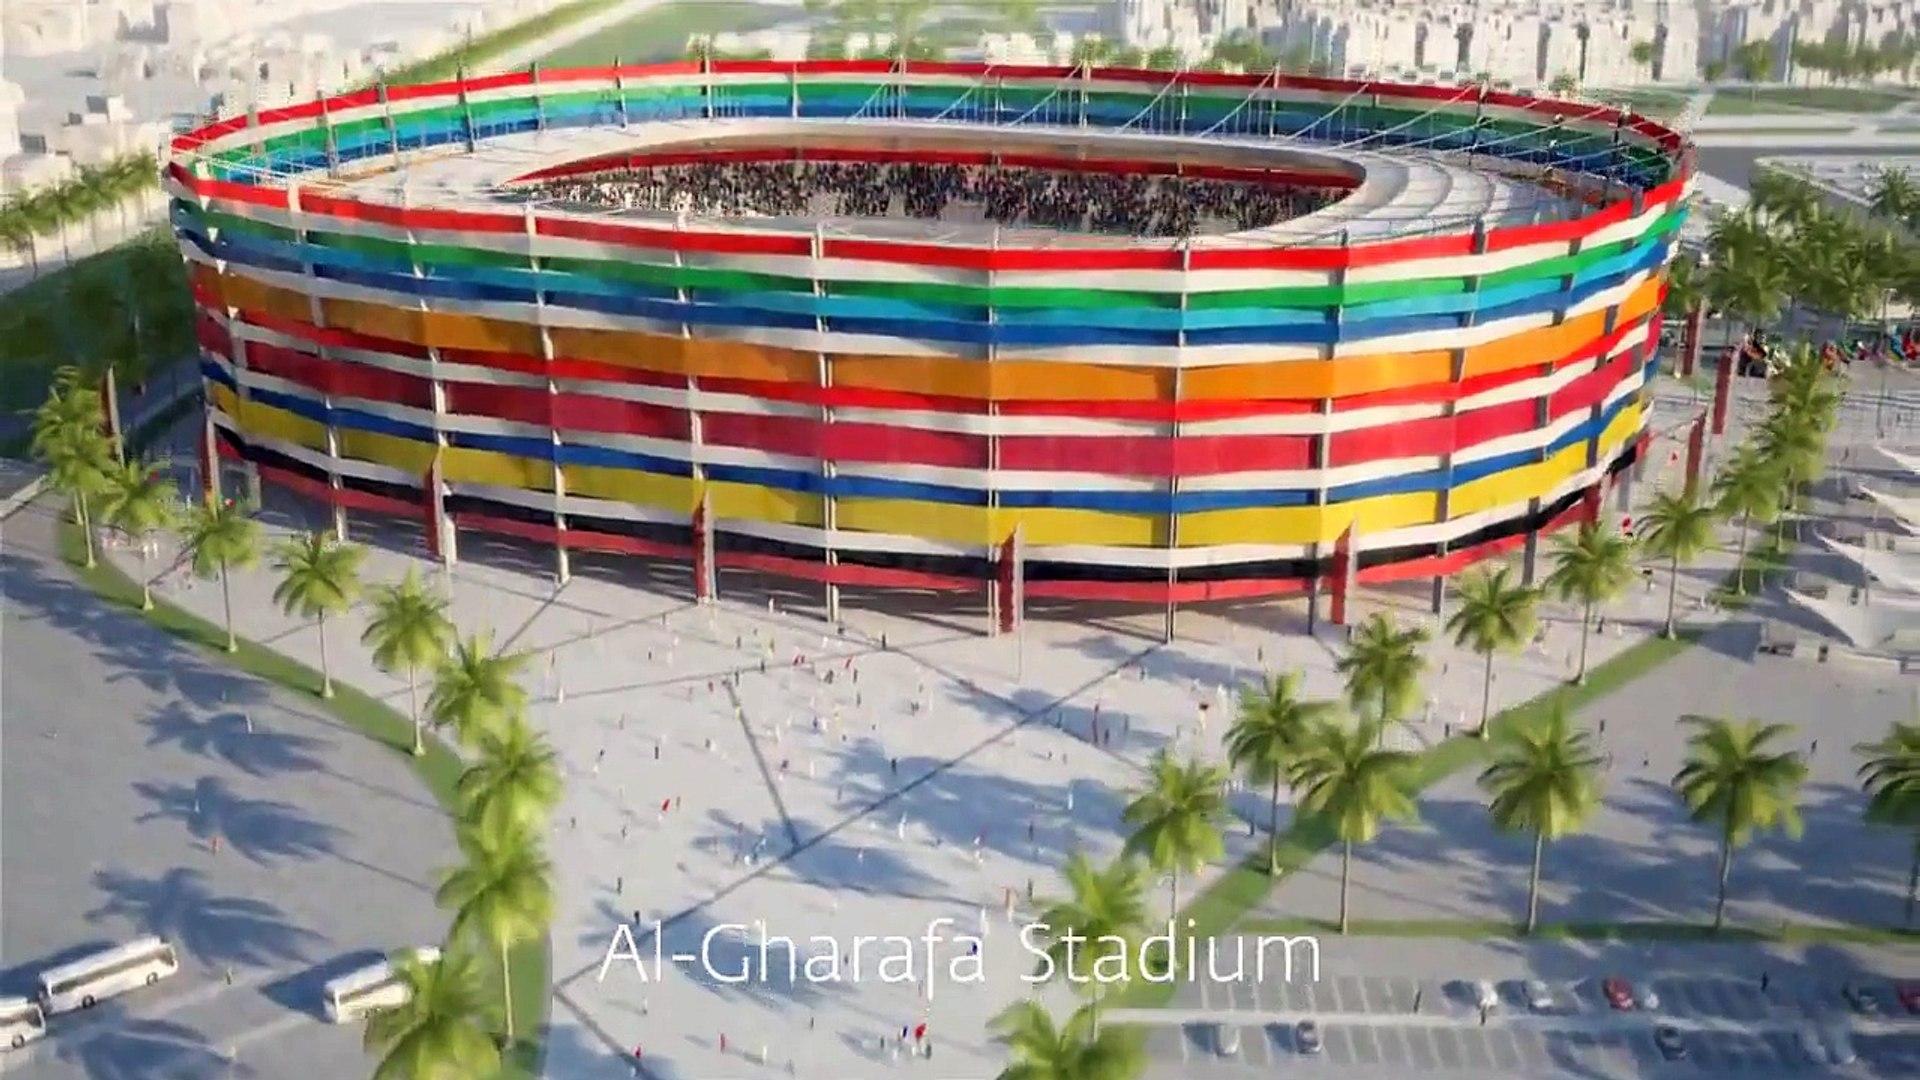 2022 Qatar World Cup Stadiums - Estadios De La Copa Del Mundo Qatar 2022